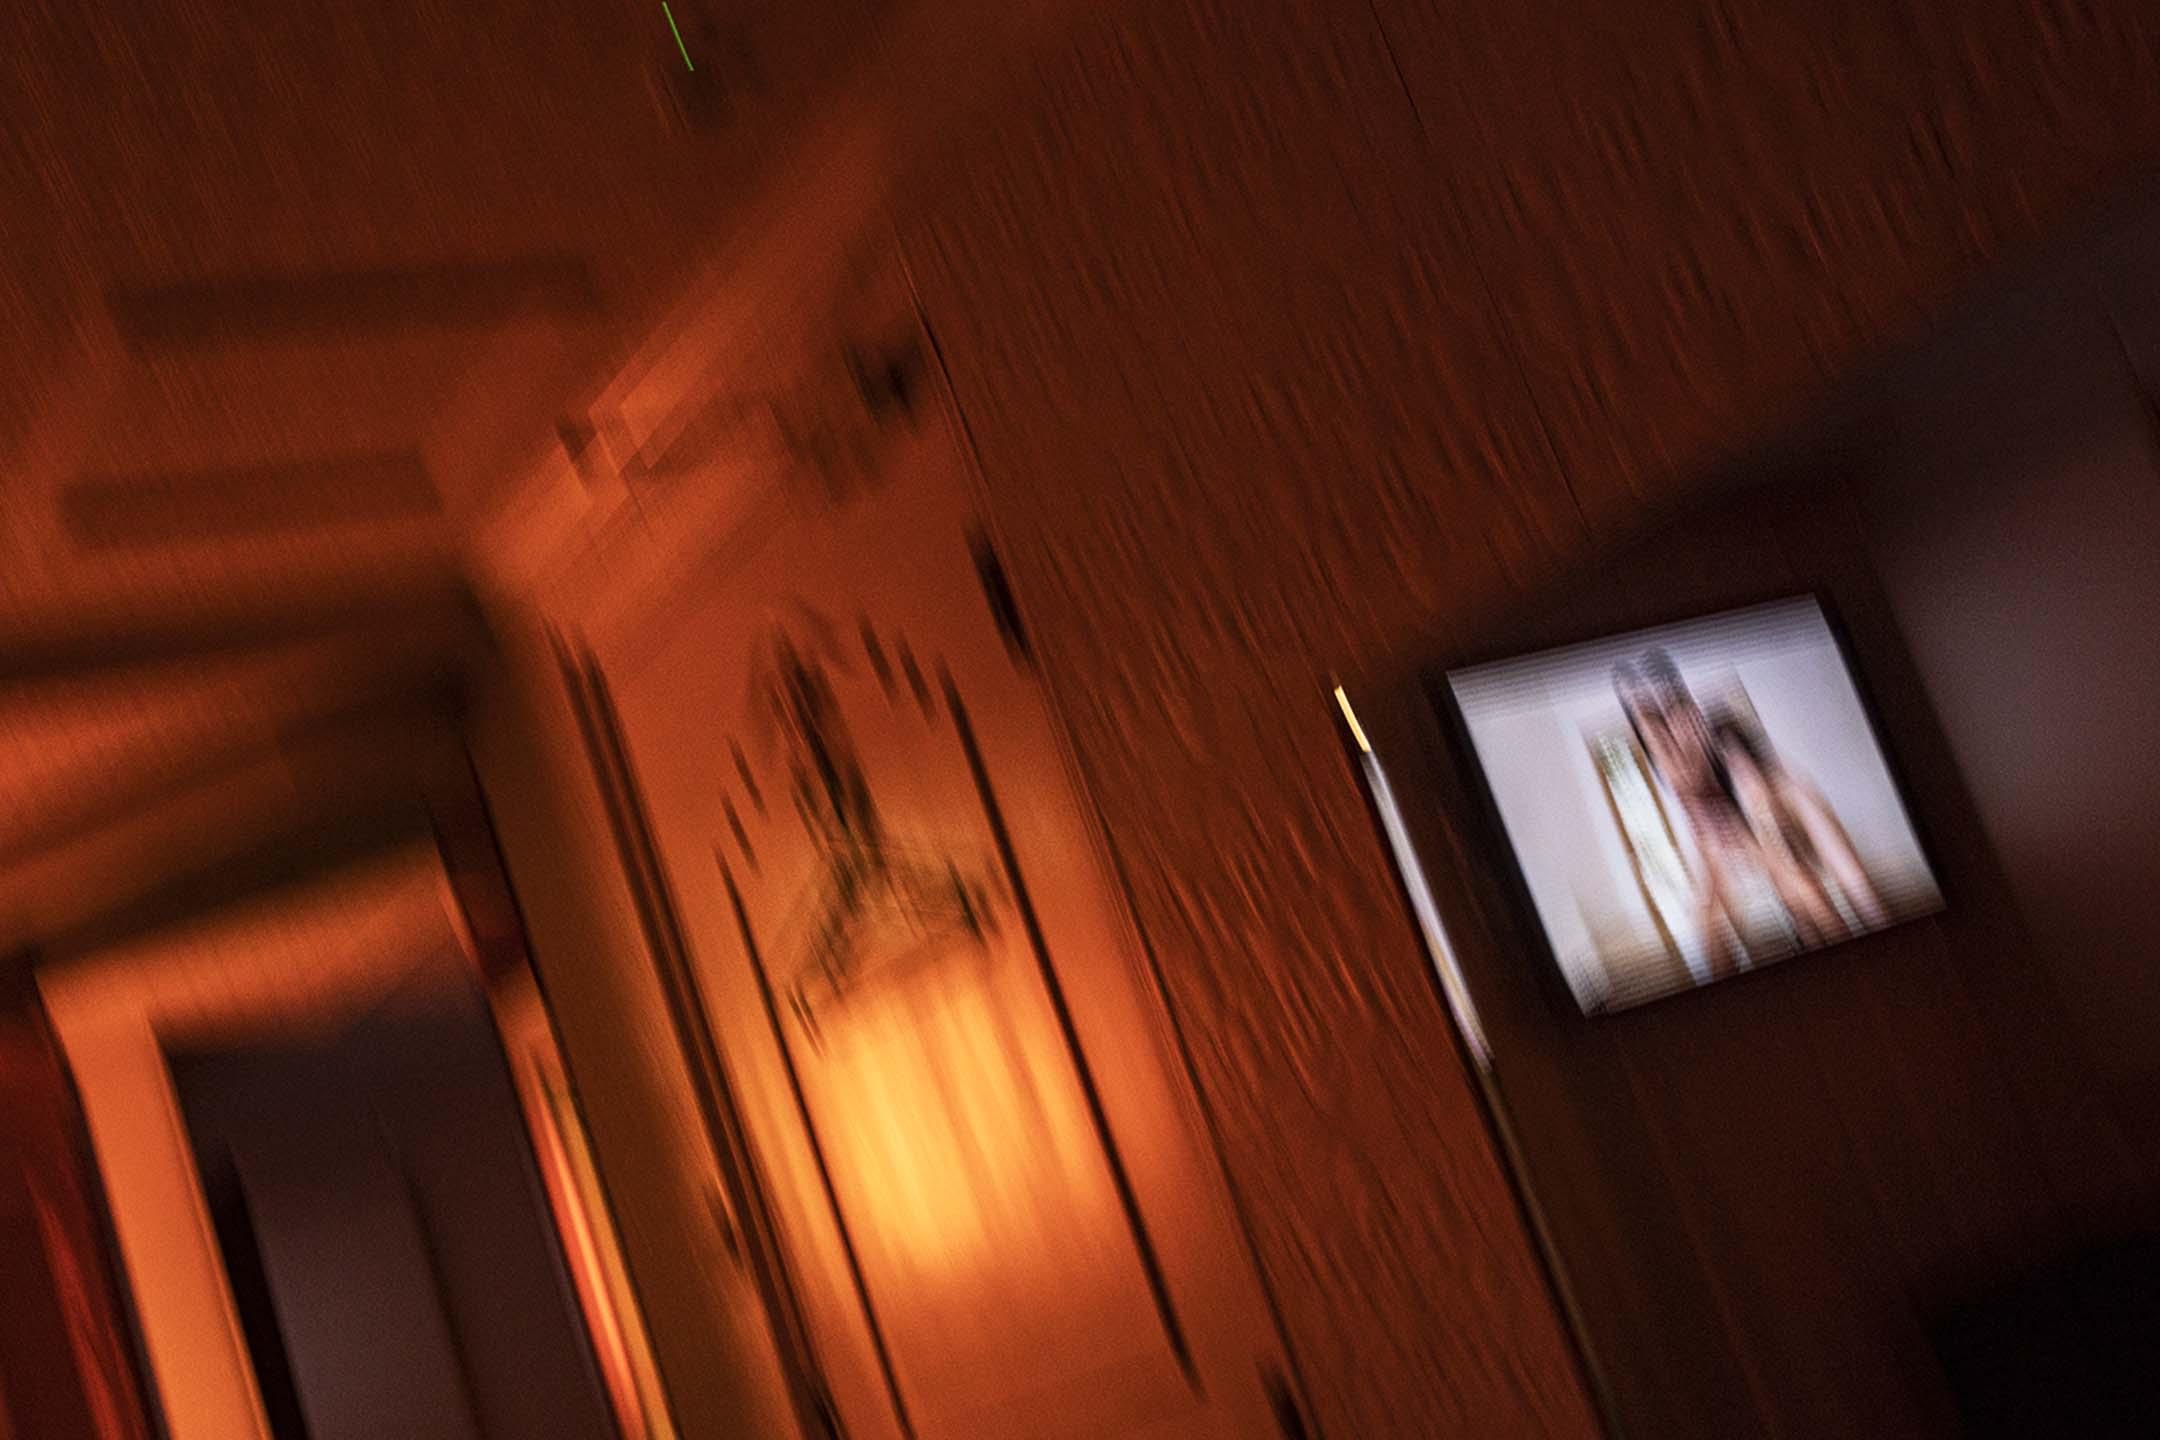 2021年1月5日香港,一間時鐘酒店正播放色情影片。